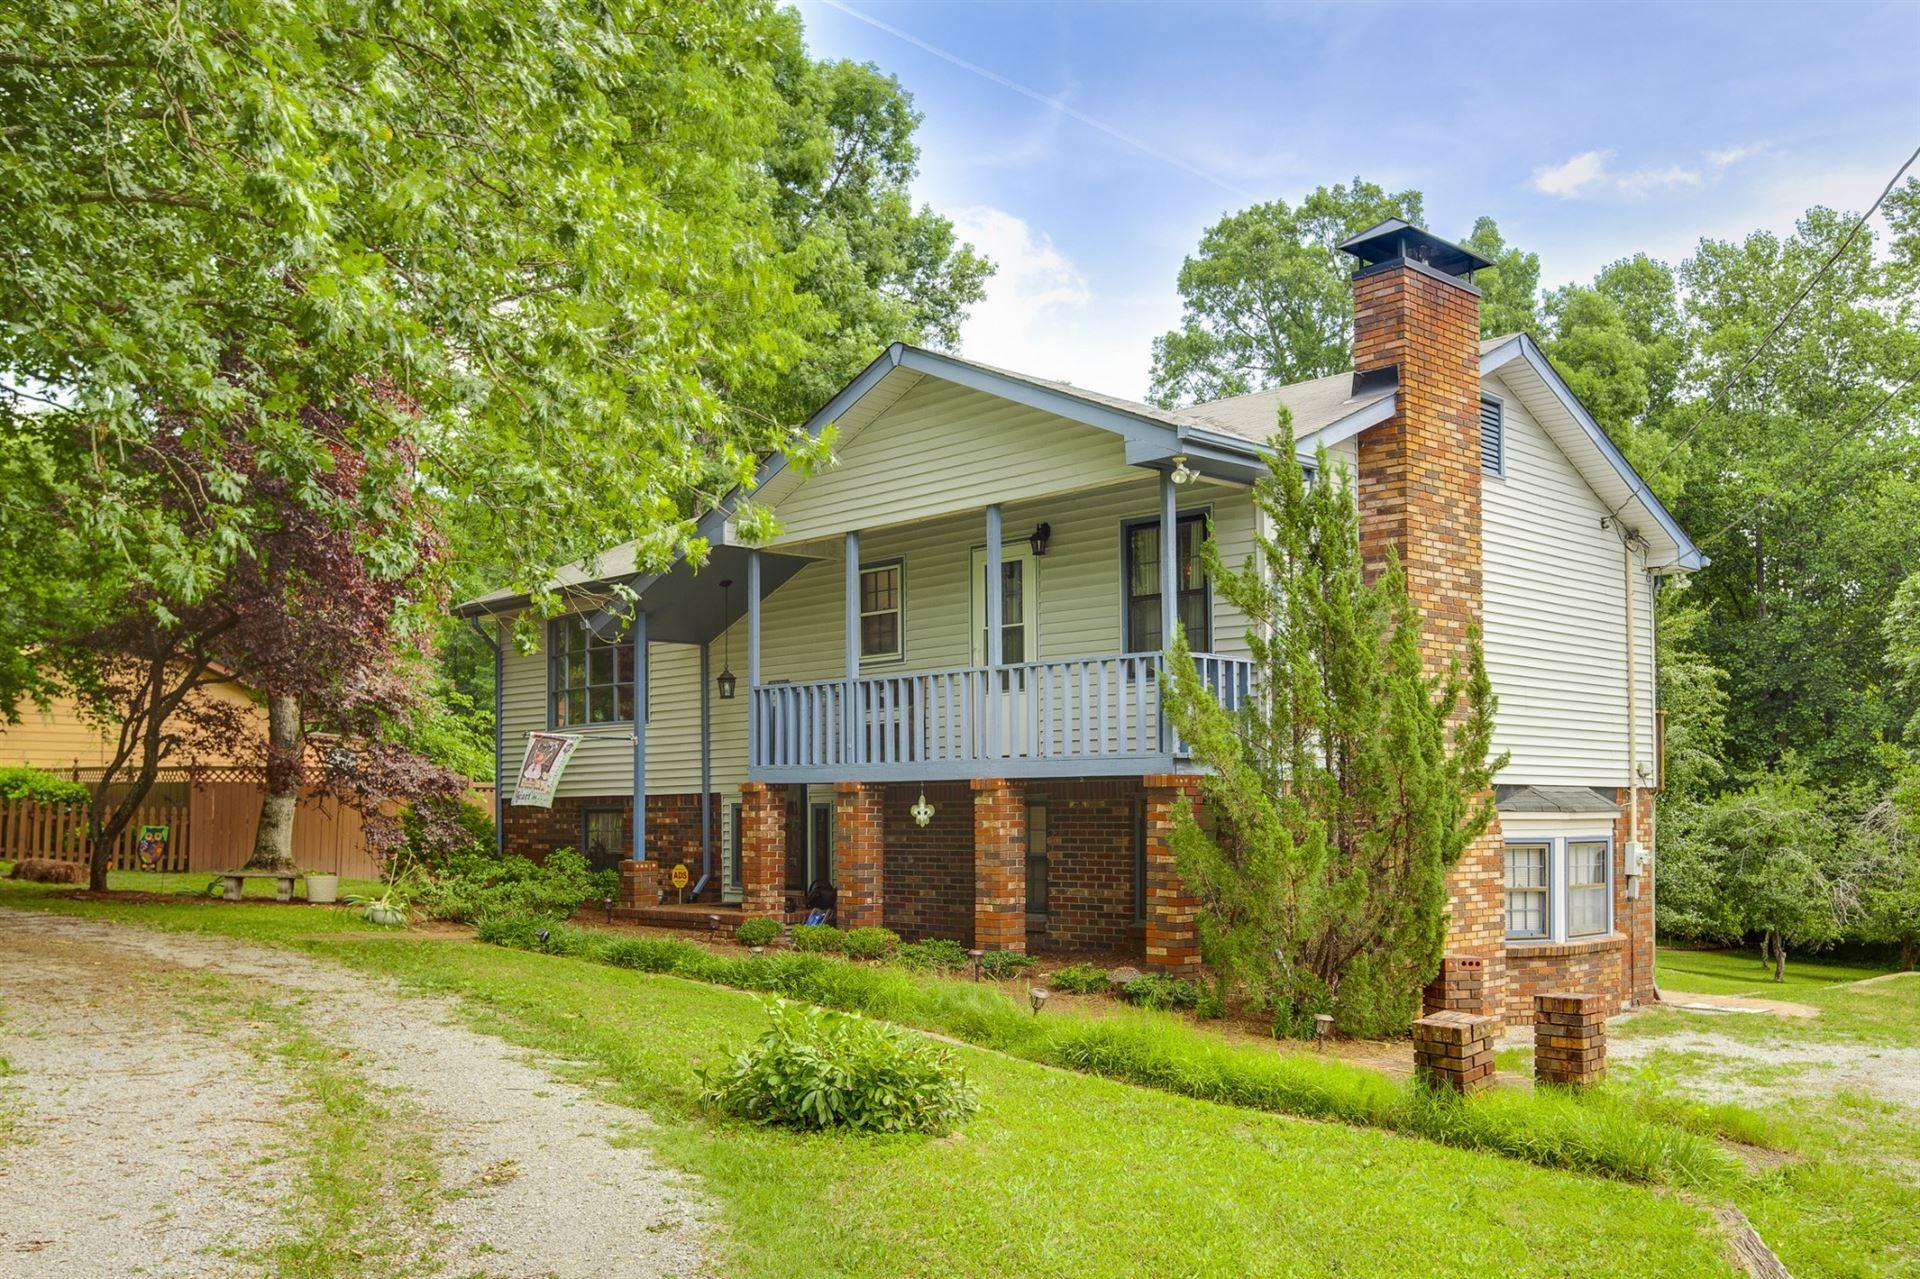 7221 White Oak Dr, Fairview, TN 37062 - MLS#: 2180005